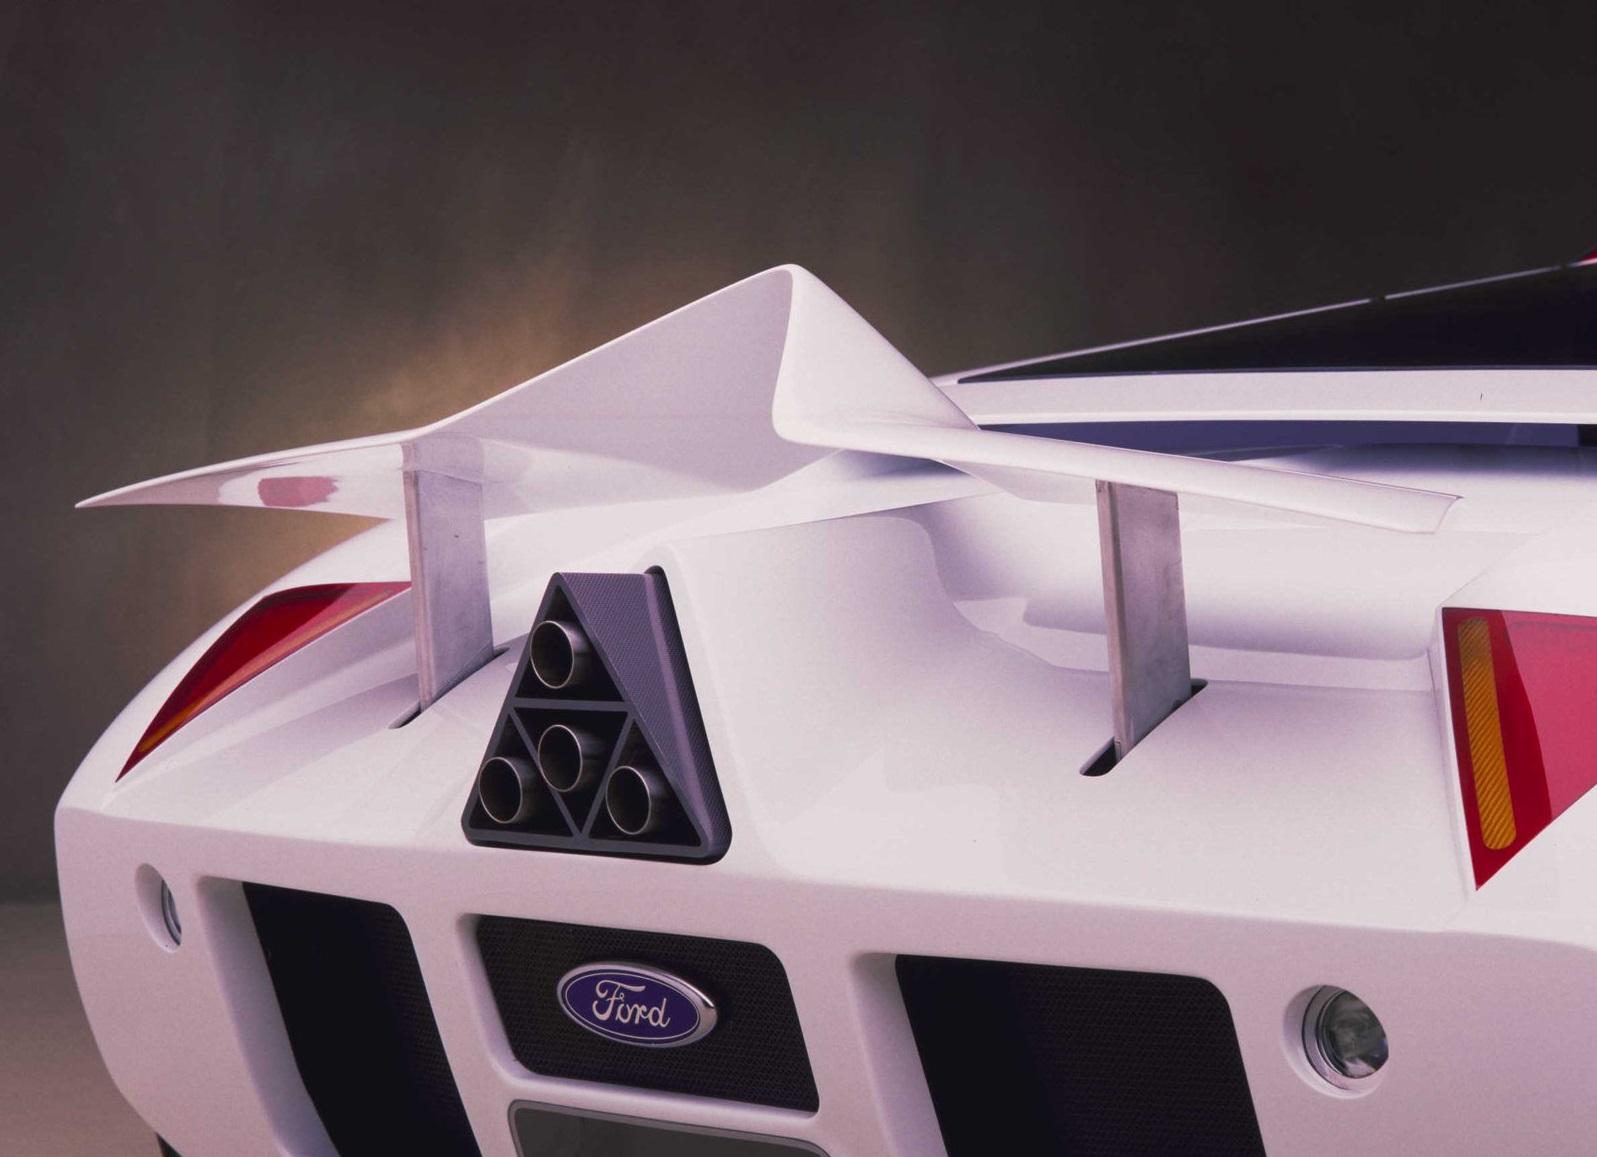 1995-Ford-GT90-Concept_aler%C3%B3n-trasero.jpg